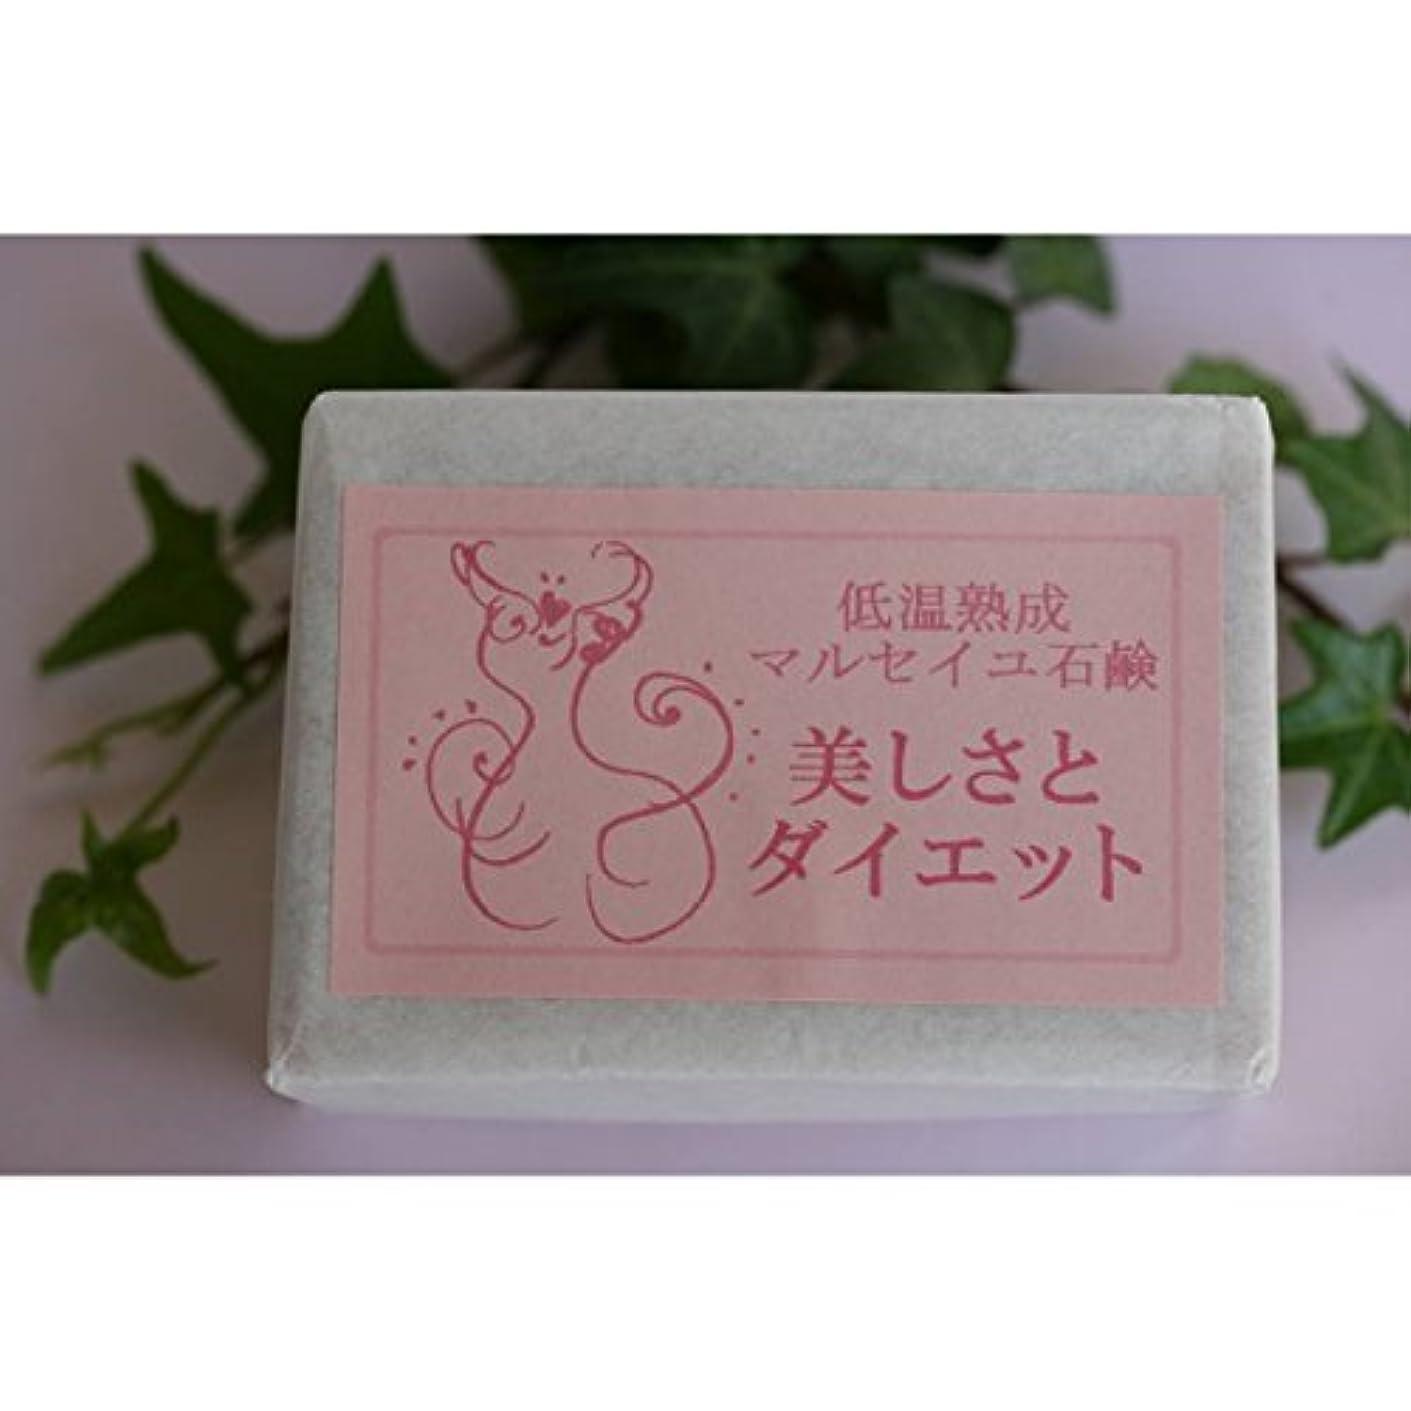 クッション弱めるアマゾンジャングルマウントフジ フラワーエッセンス 低温熟成 マルセイユ石鹸 美しさとダイエット (MTFUJI FLOWER ESSENCES)